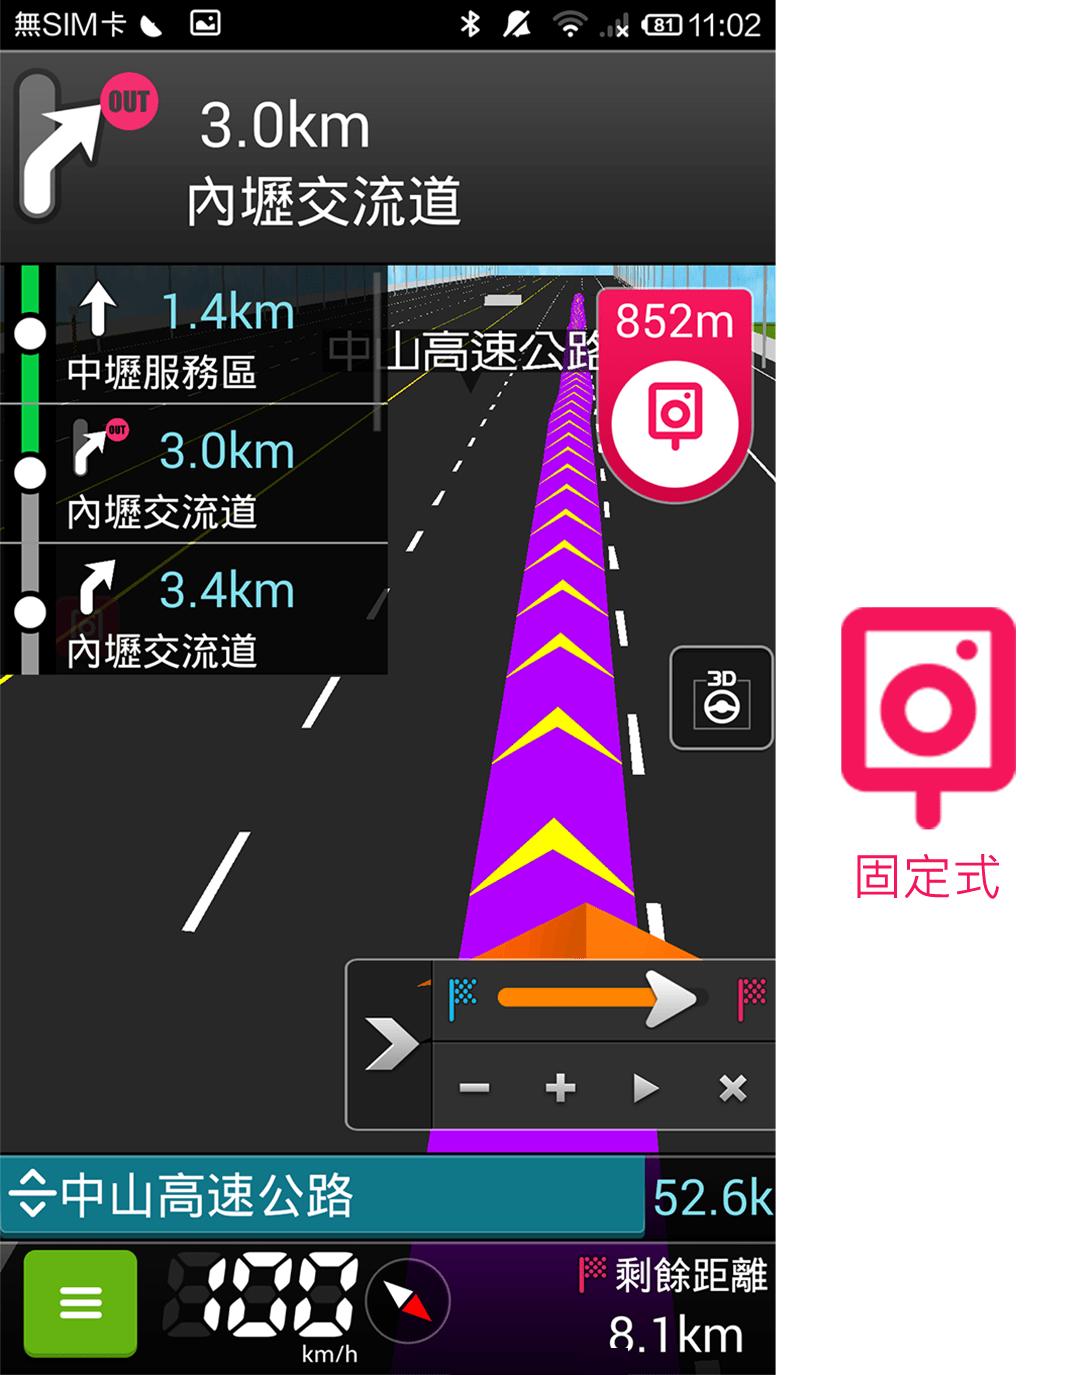 樂客導航王3D 免R Ver.2.65.1.593 去廣告GPRO直裝版 - Android 遊戲.應用下載 - 冰楓論壇 - 綜合論壇.外掛下載.外掛討論 ...